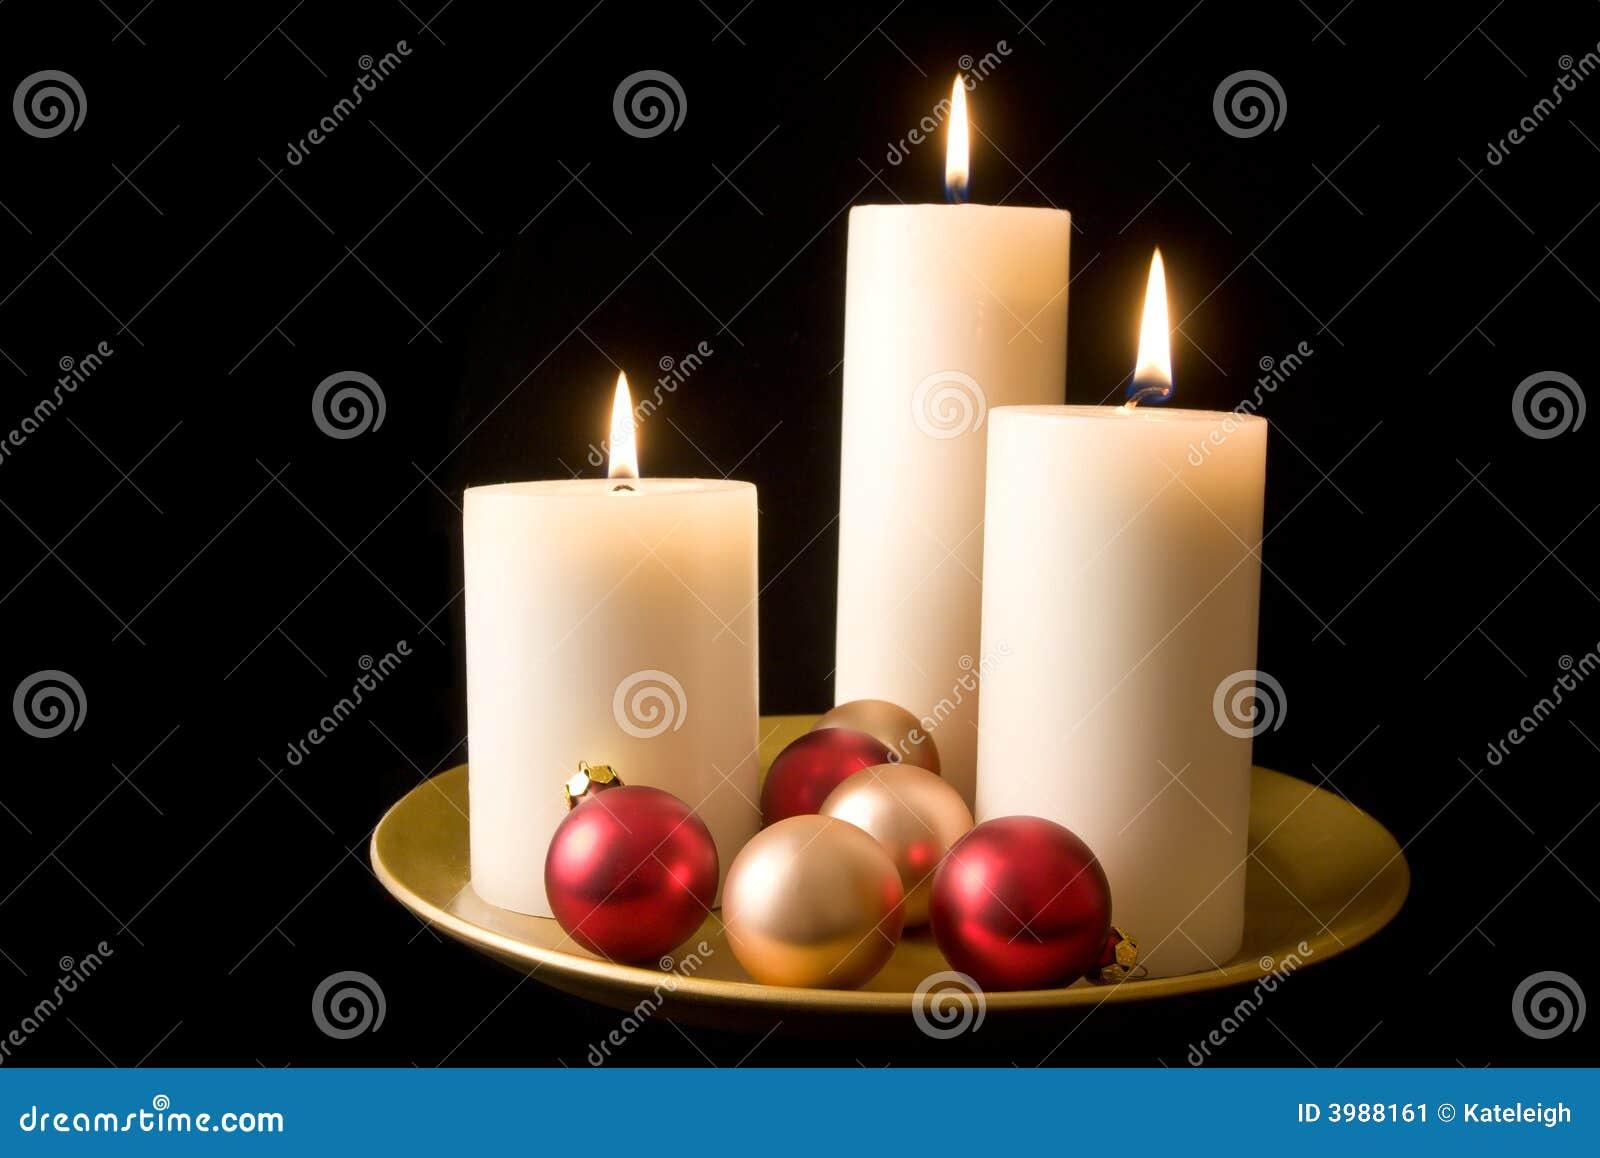 蜡烛装饰显示